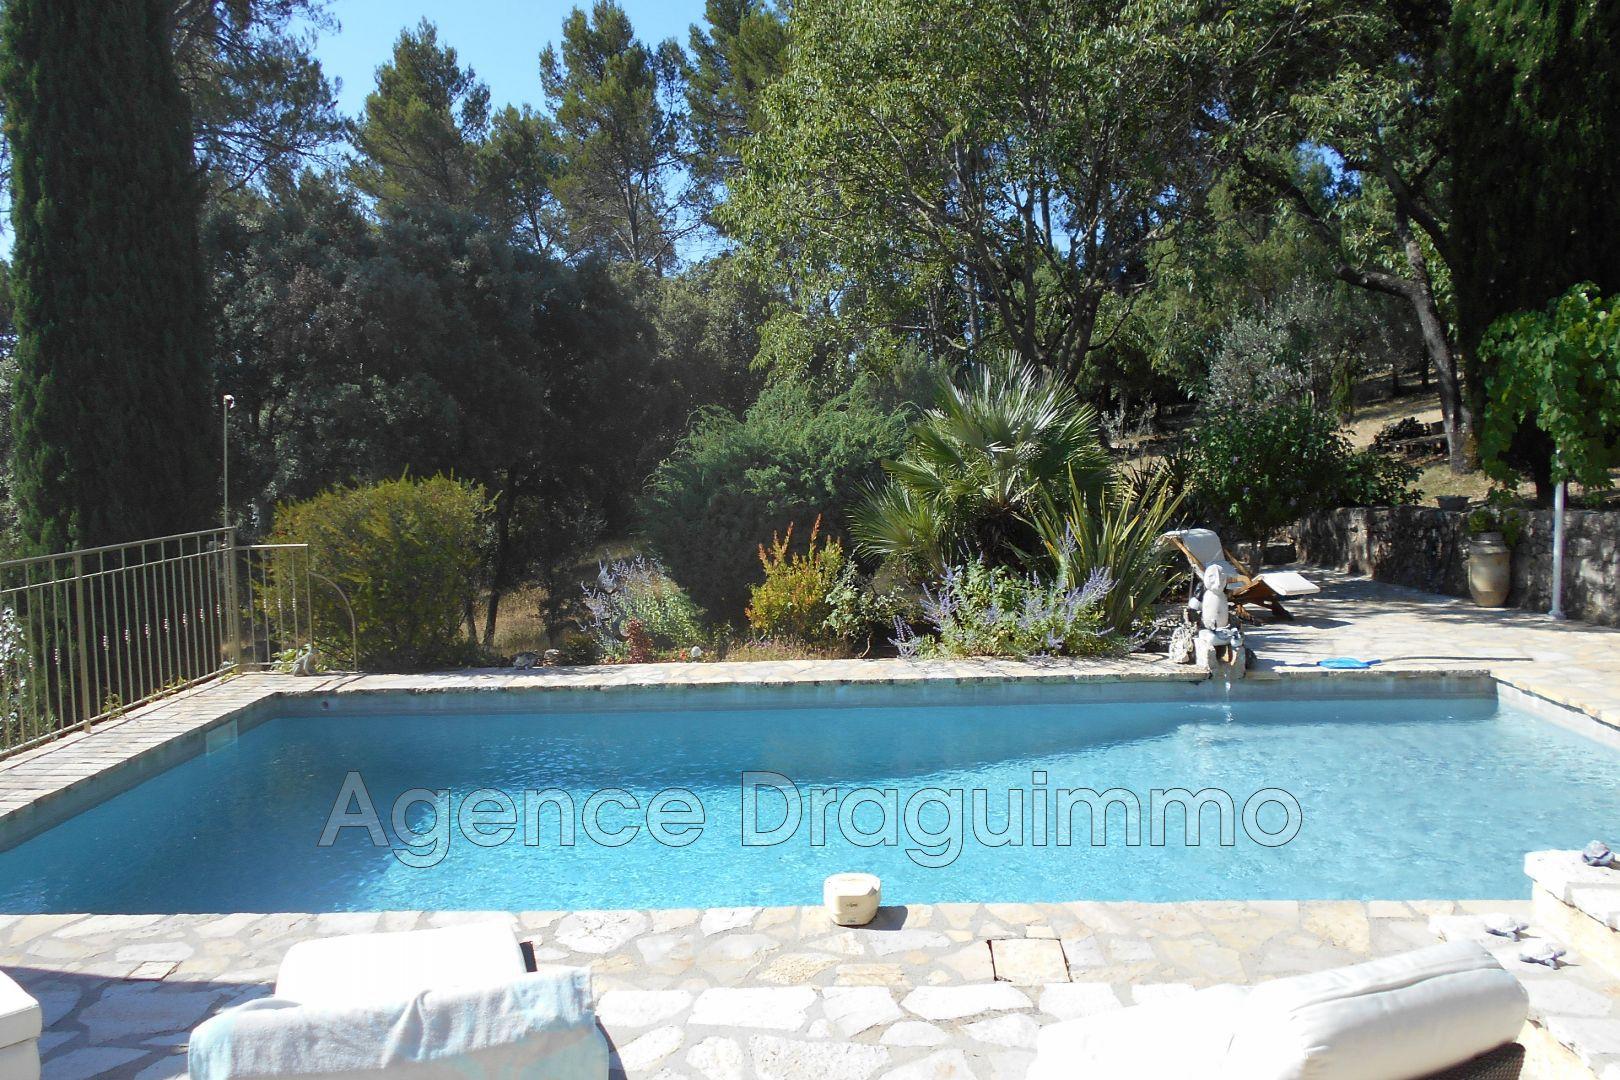 Vente Maison villa provençale Draguignan 83300 - 671 000 € - Twimmo.com